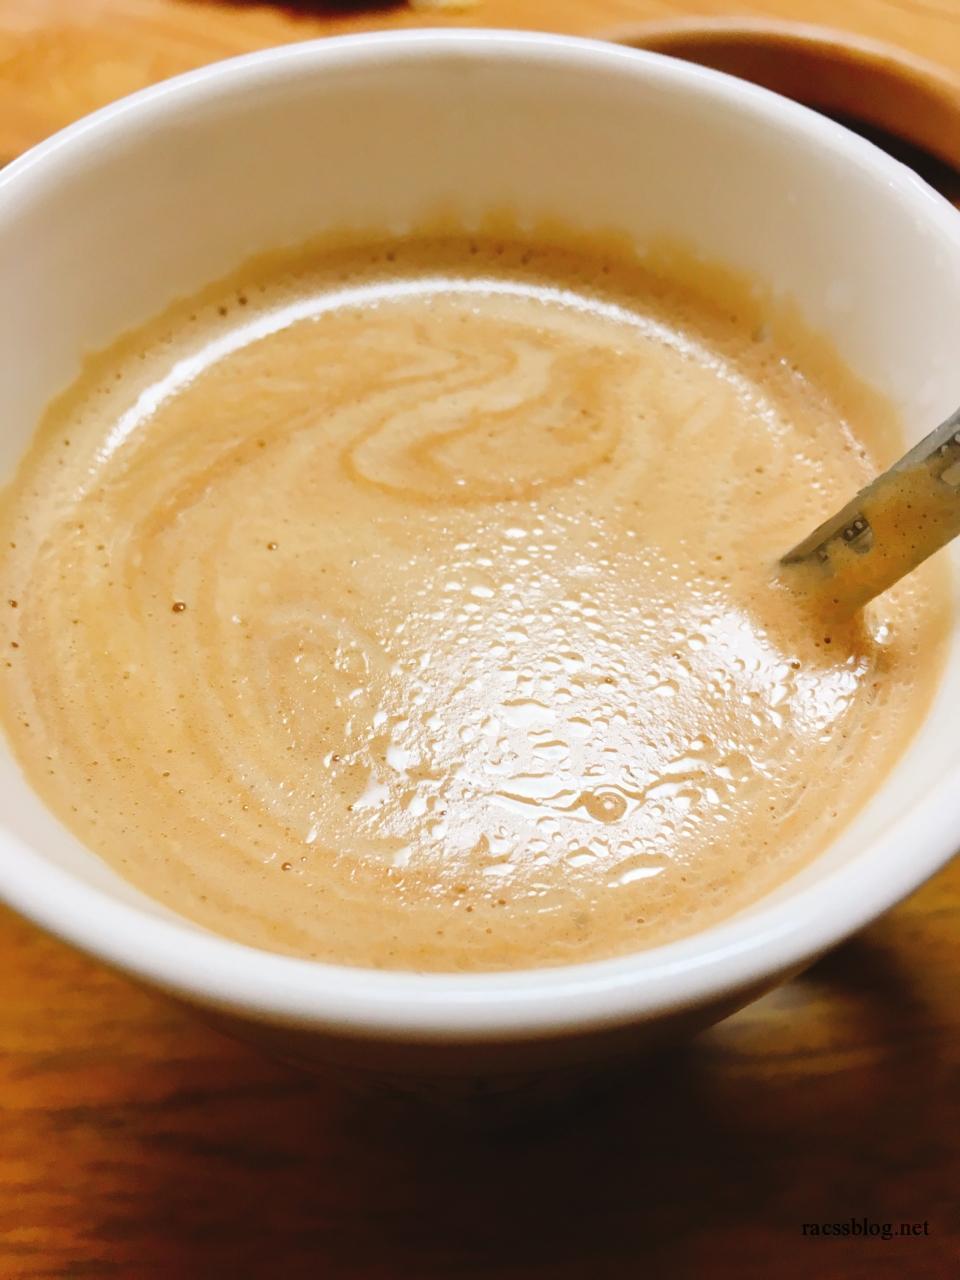 ココナッツオイルコーヒーの乳化方法5つ|最も簡単なのはこれ!